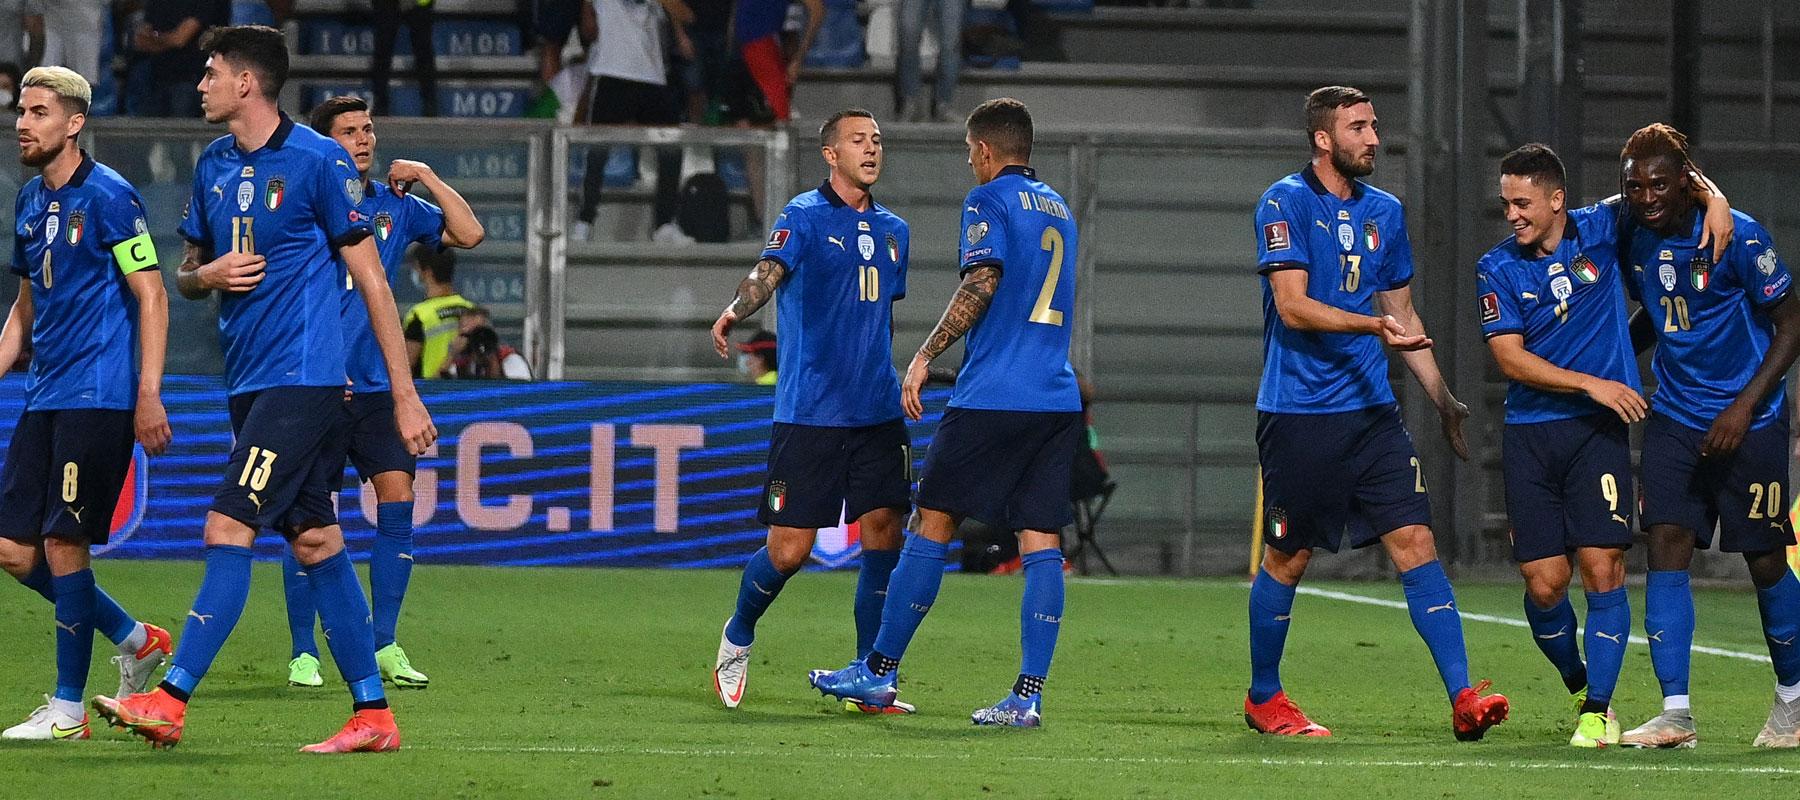 อิตาลี v ลิทัวเนีย ผลบอลสด ผลบอล ฟุตบอลโลก 2022 รอบคัดเลือก โซนยุโรป